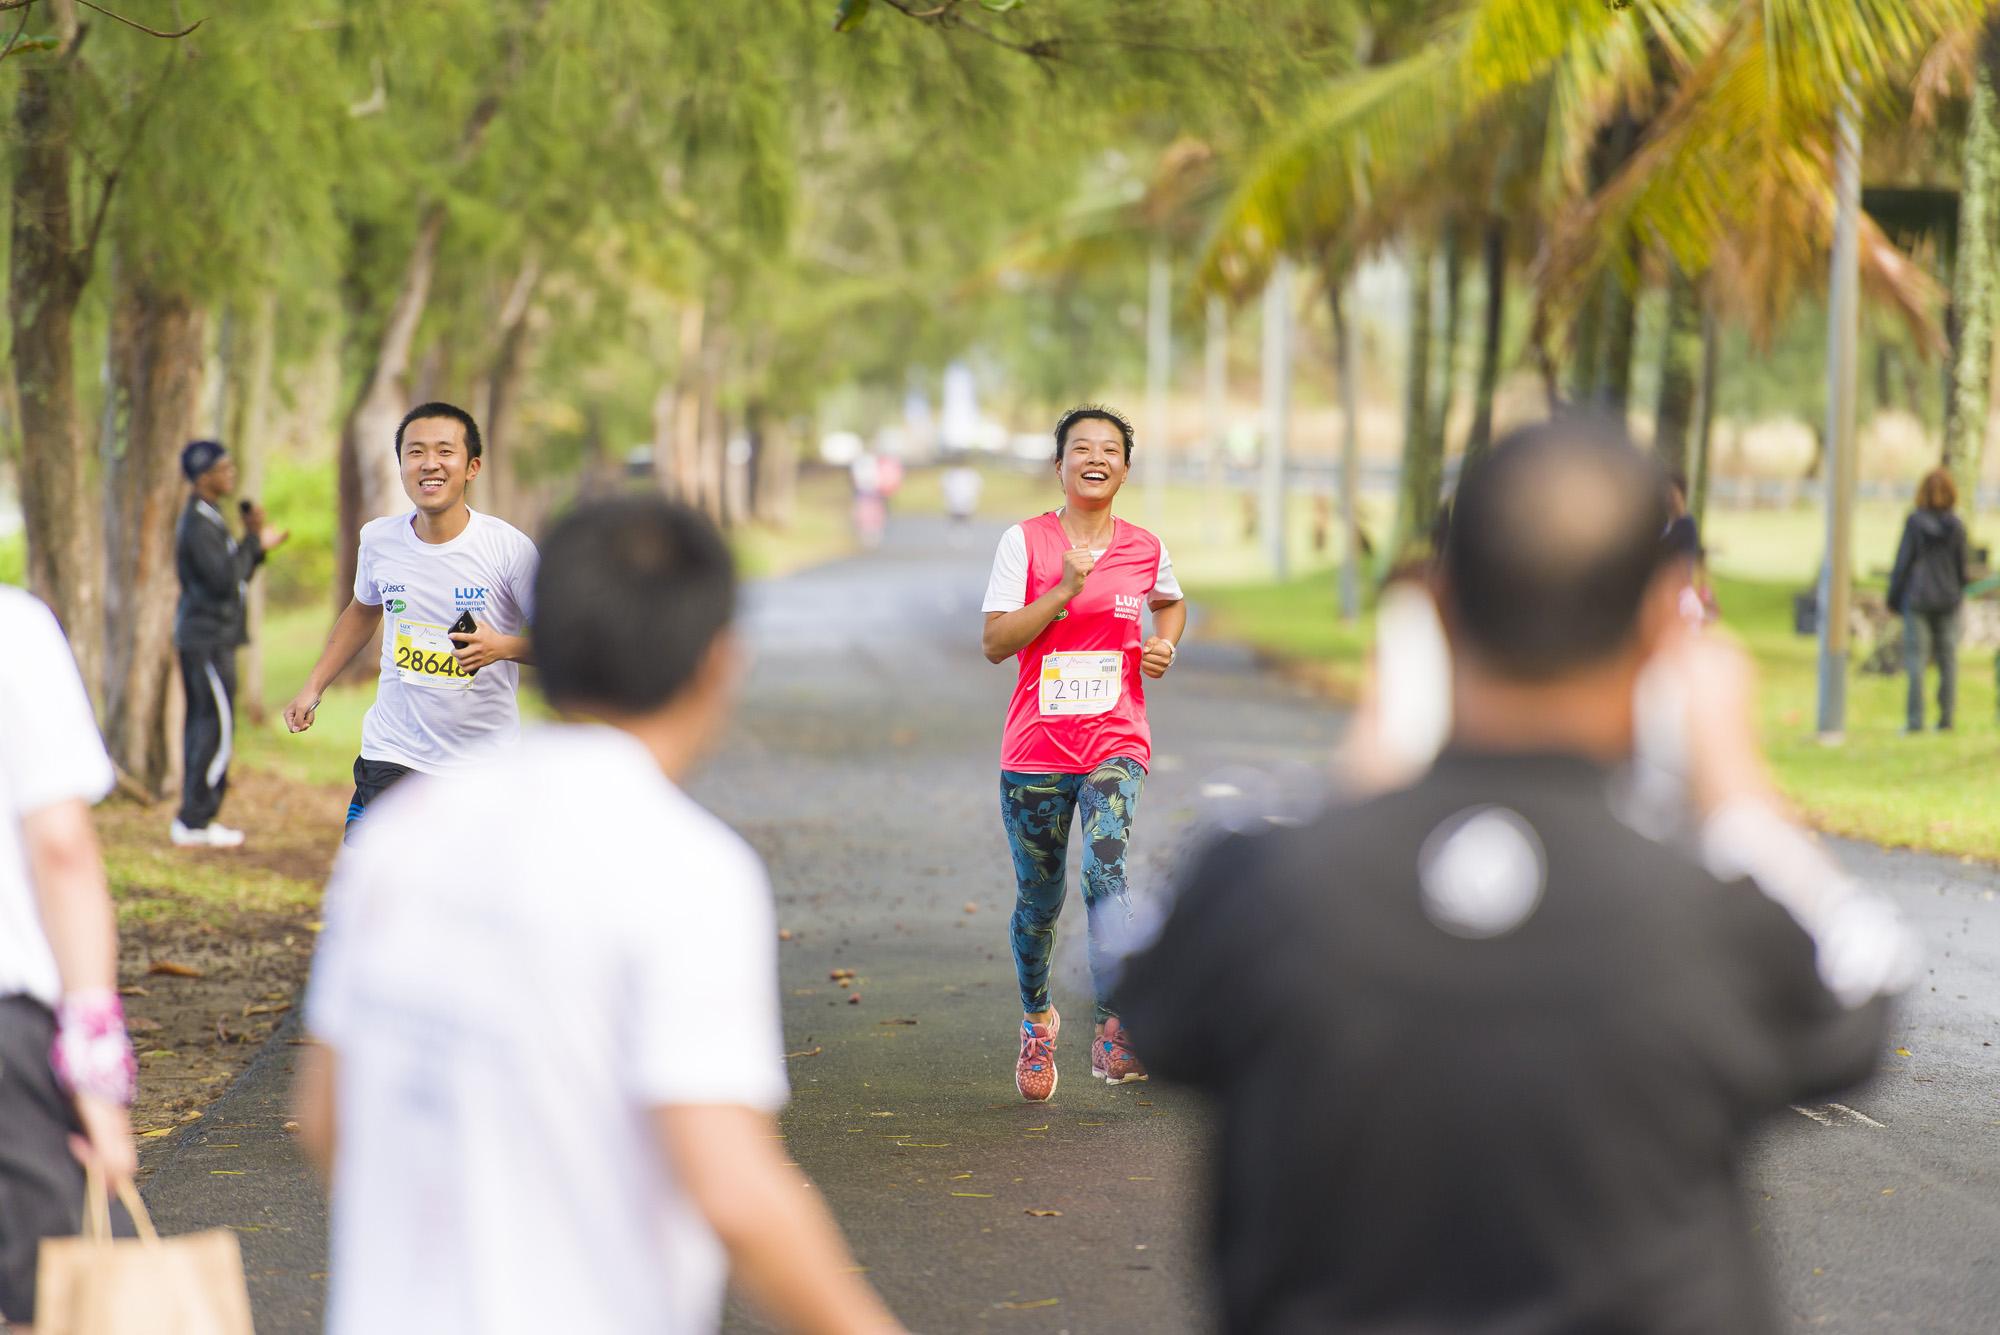 Marathon - Lux 2017-98.jpg